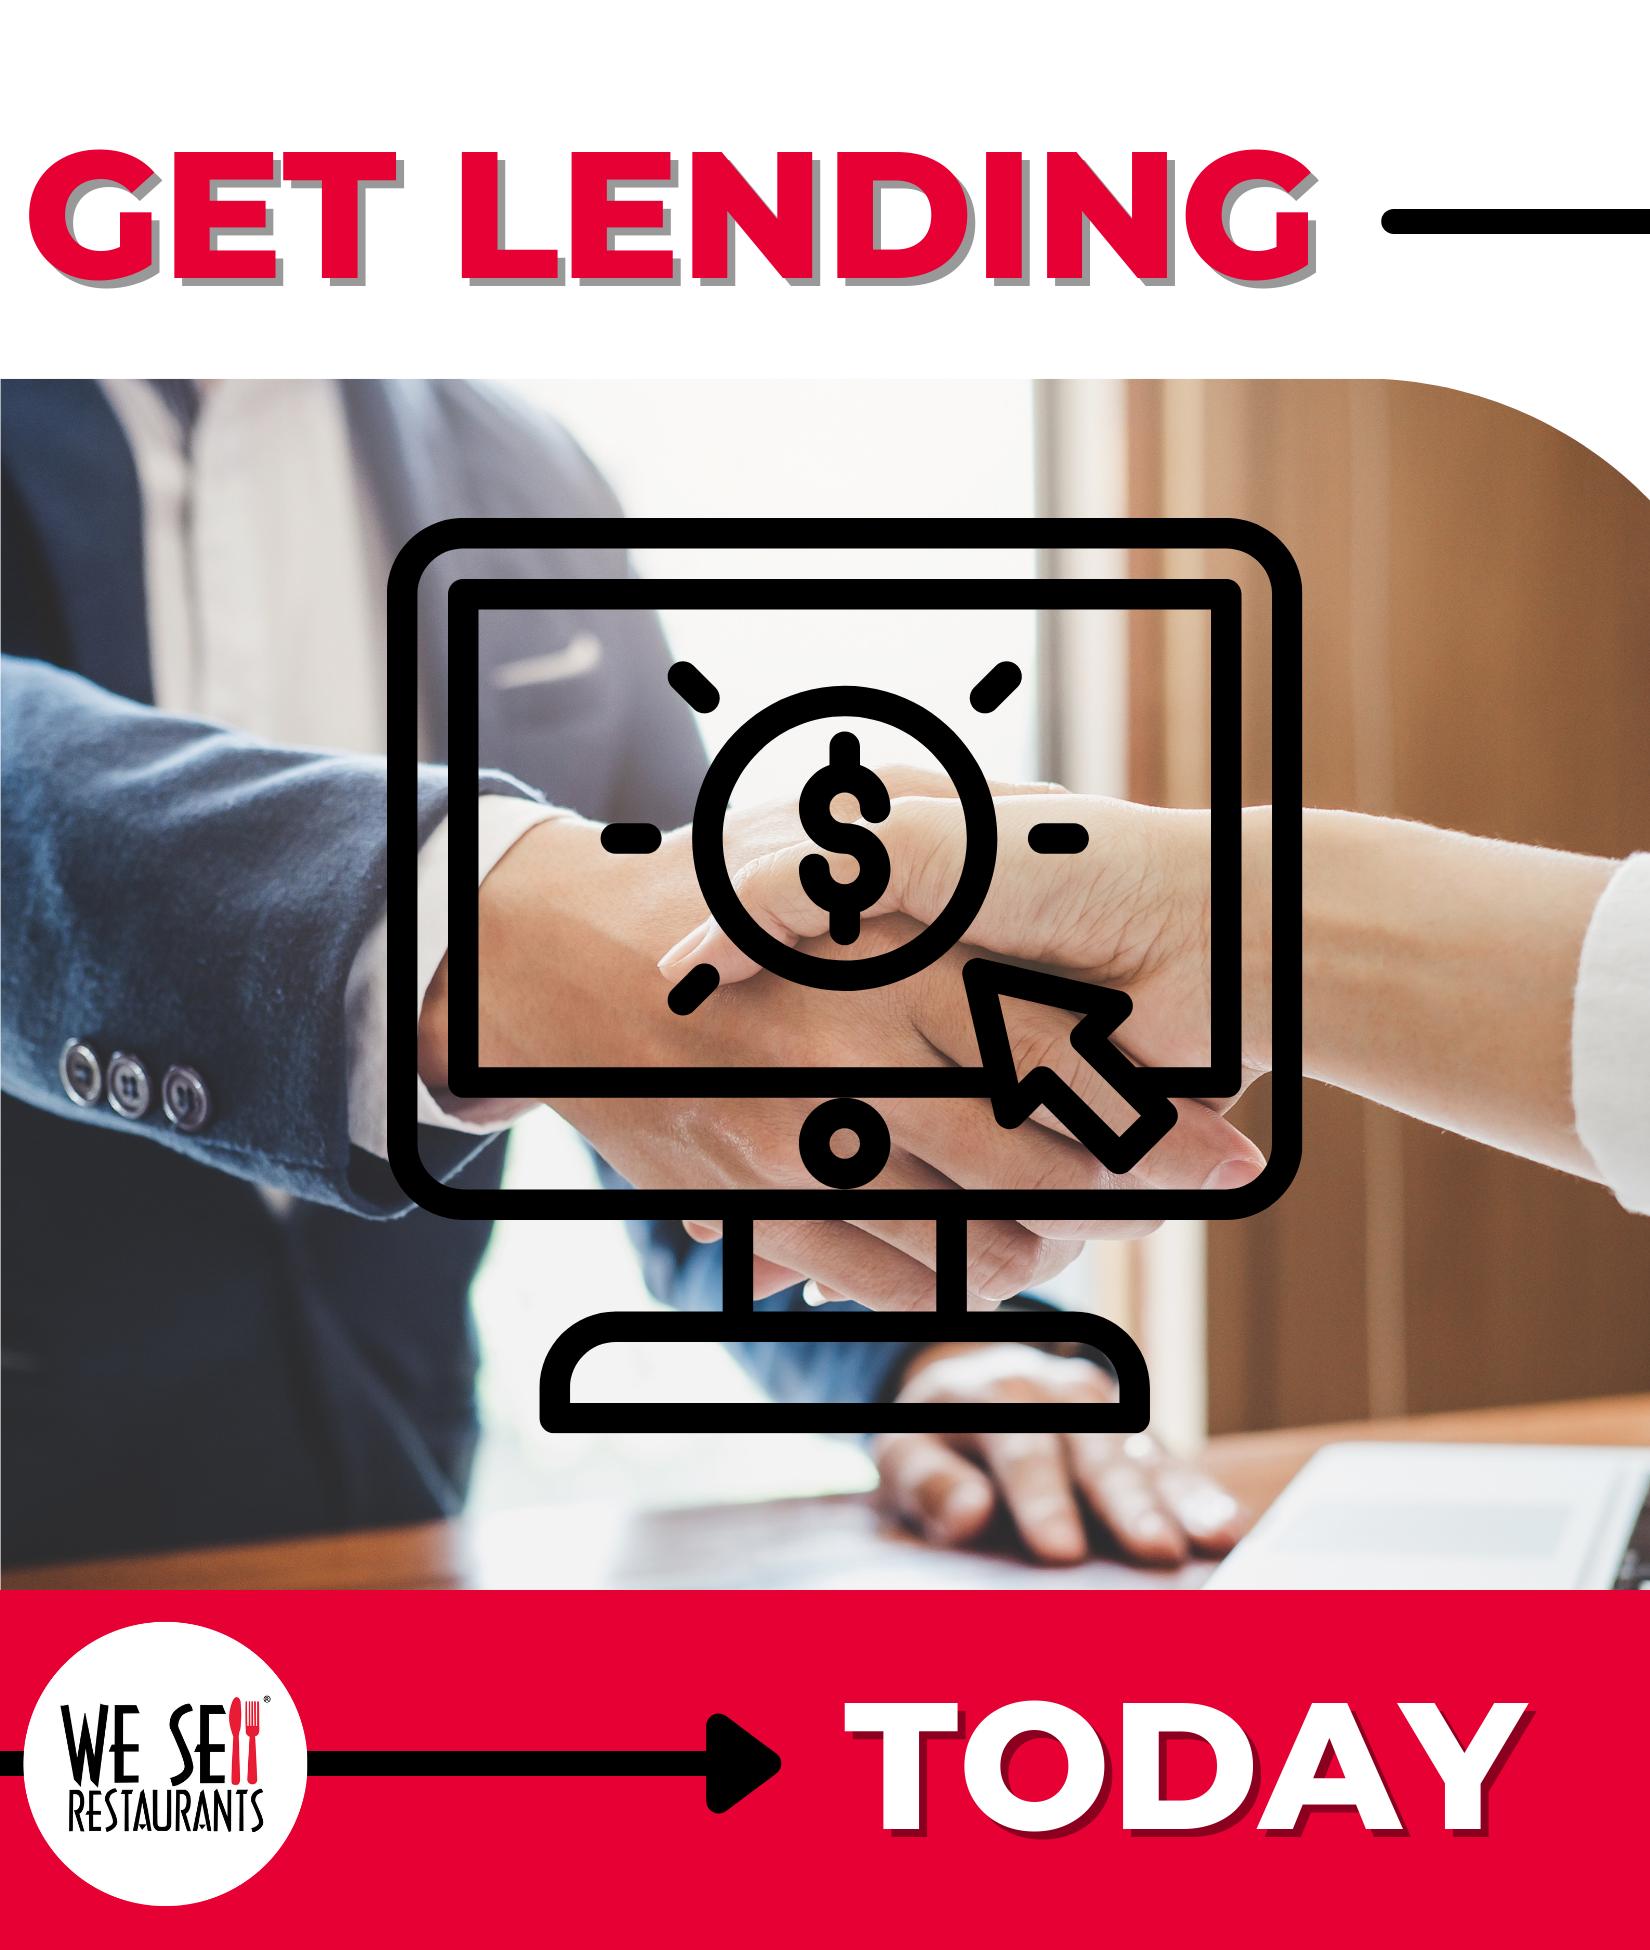 Get Lending